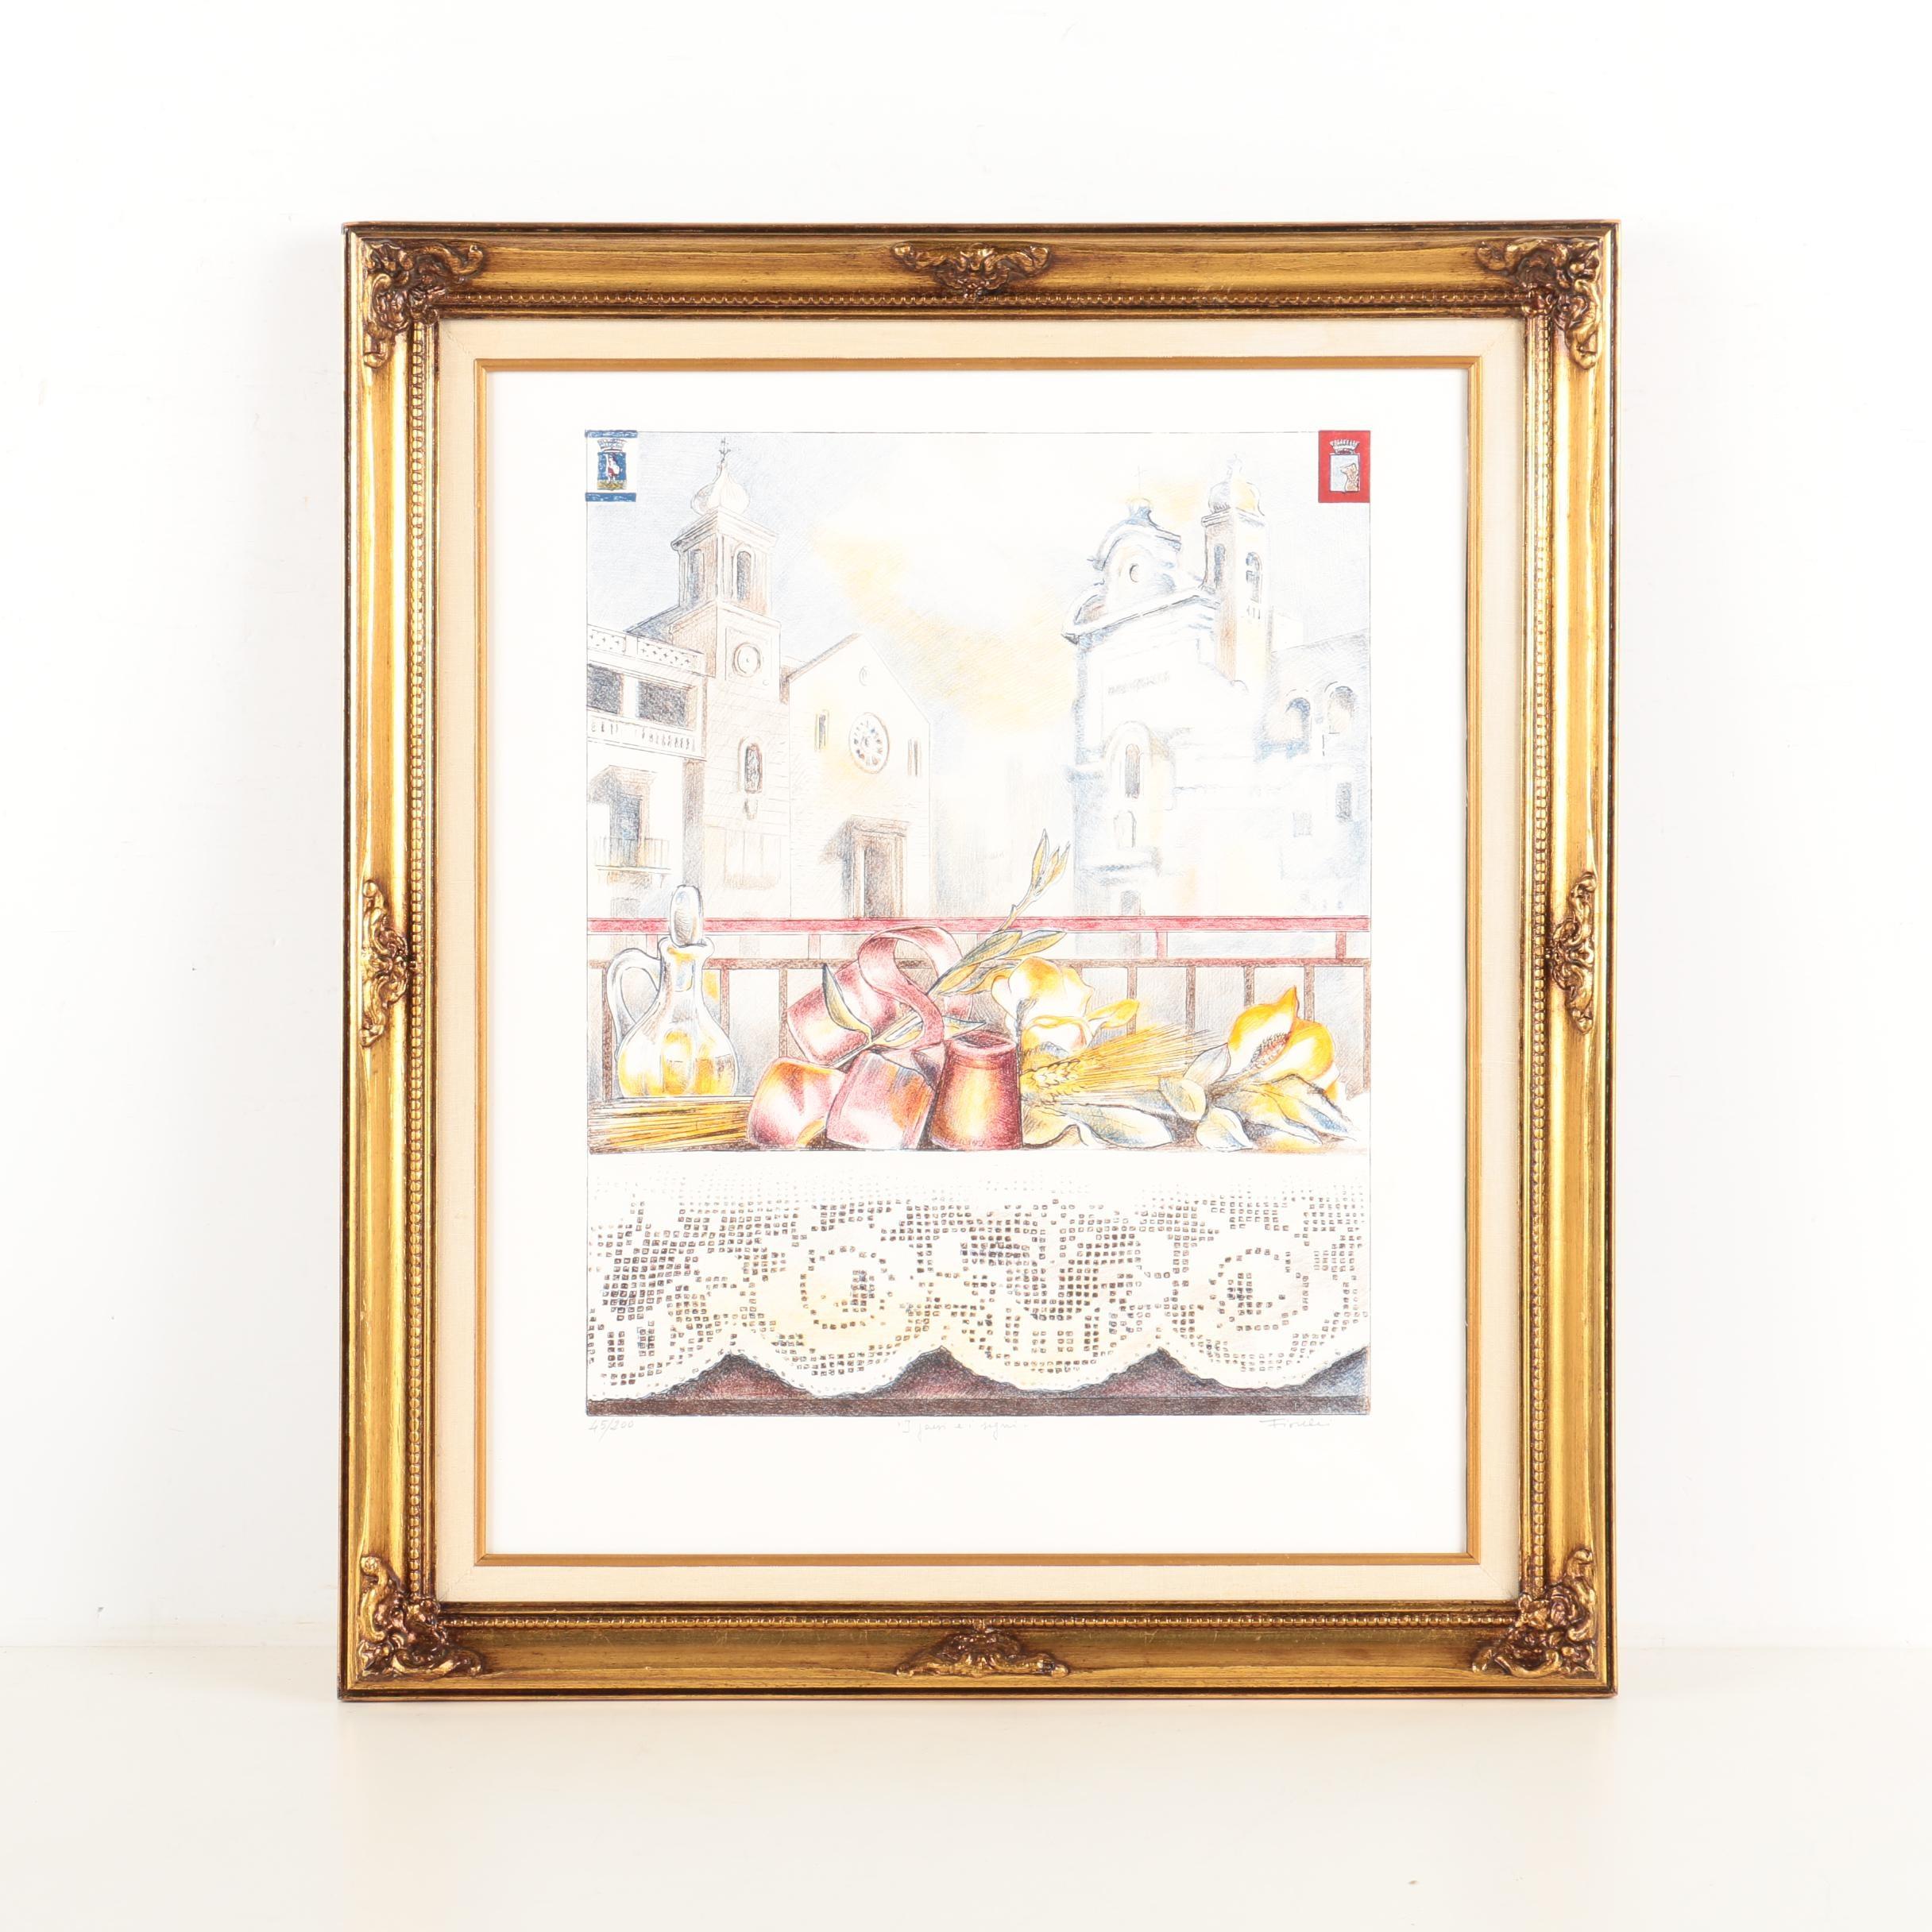 """Fiorelli Limited Edition Lithograph on Paper """"I Jouri e i Signi"""""""